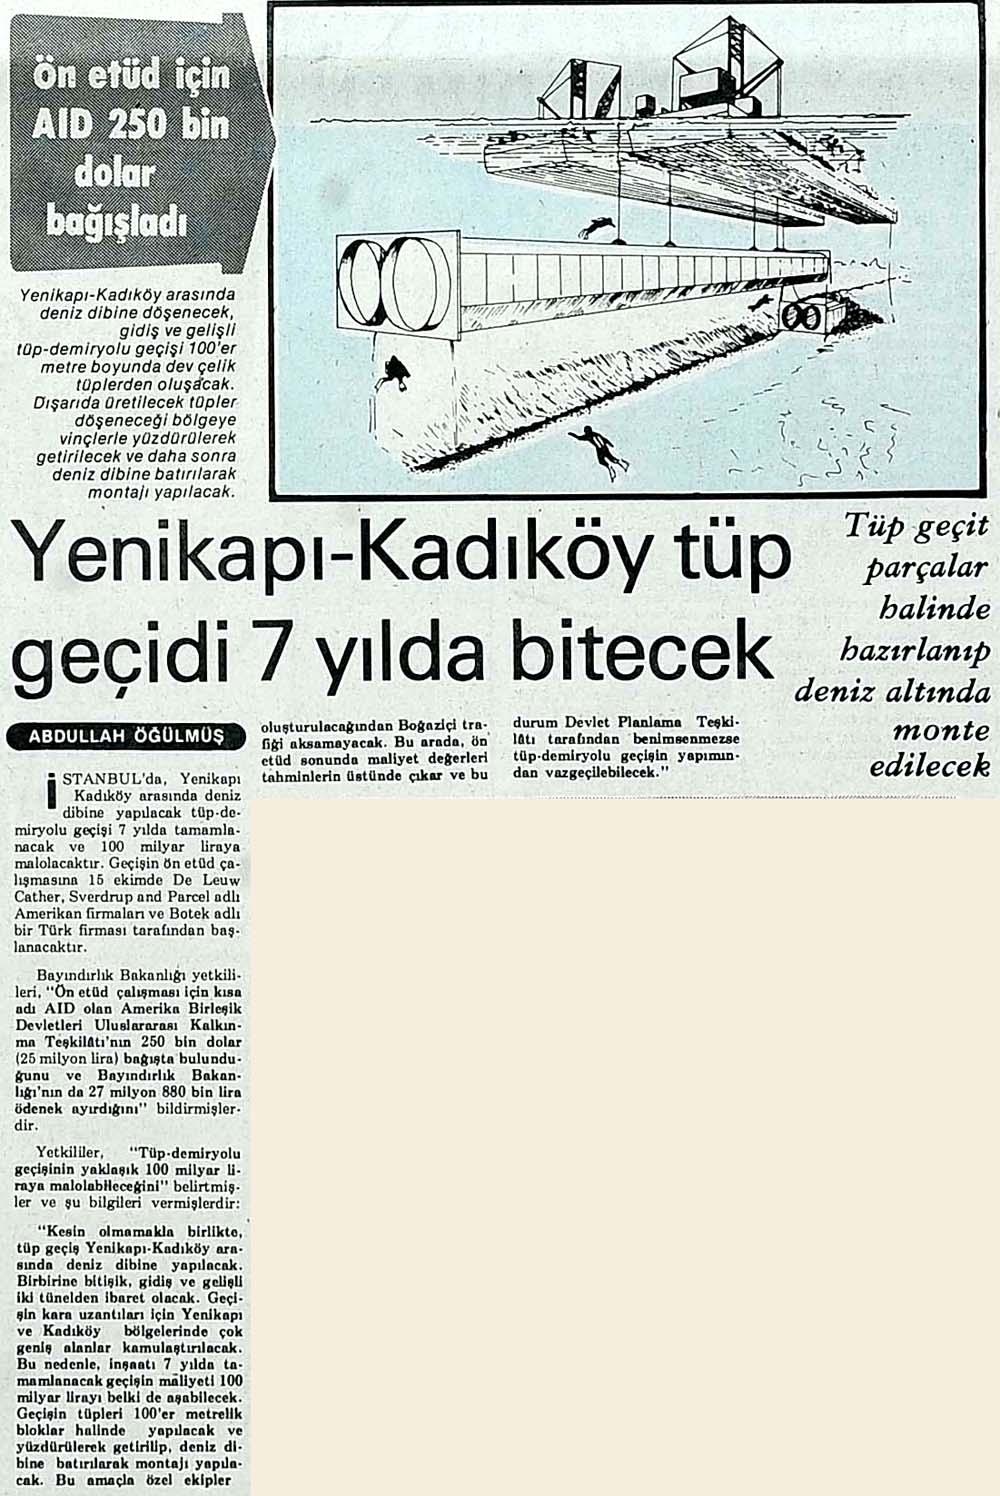 Yenikapı-Kadıköy tüp geçidi 7 yılda bitecek